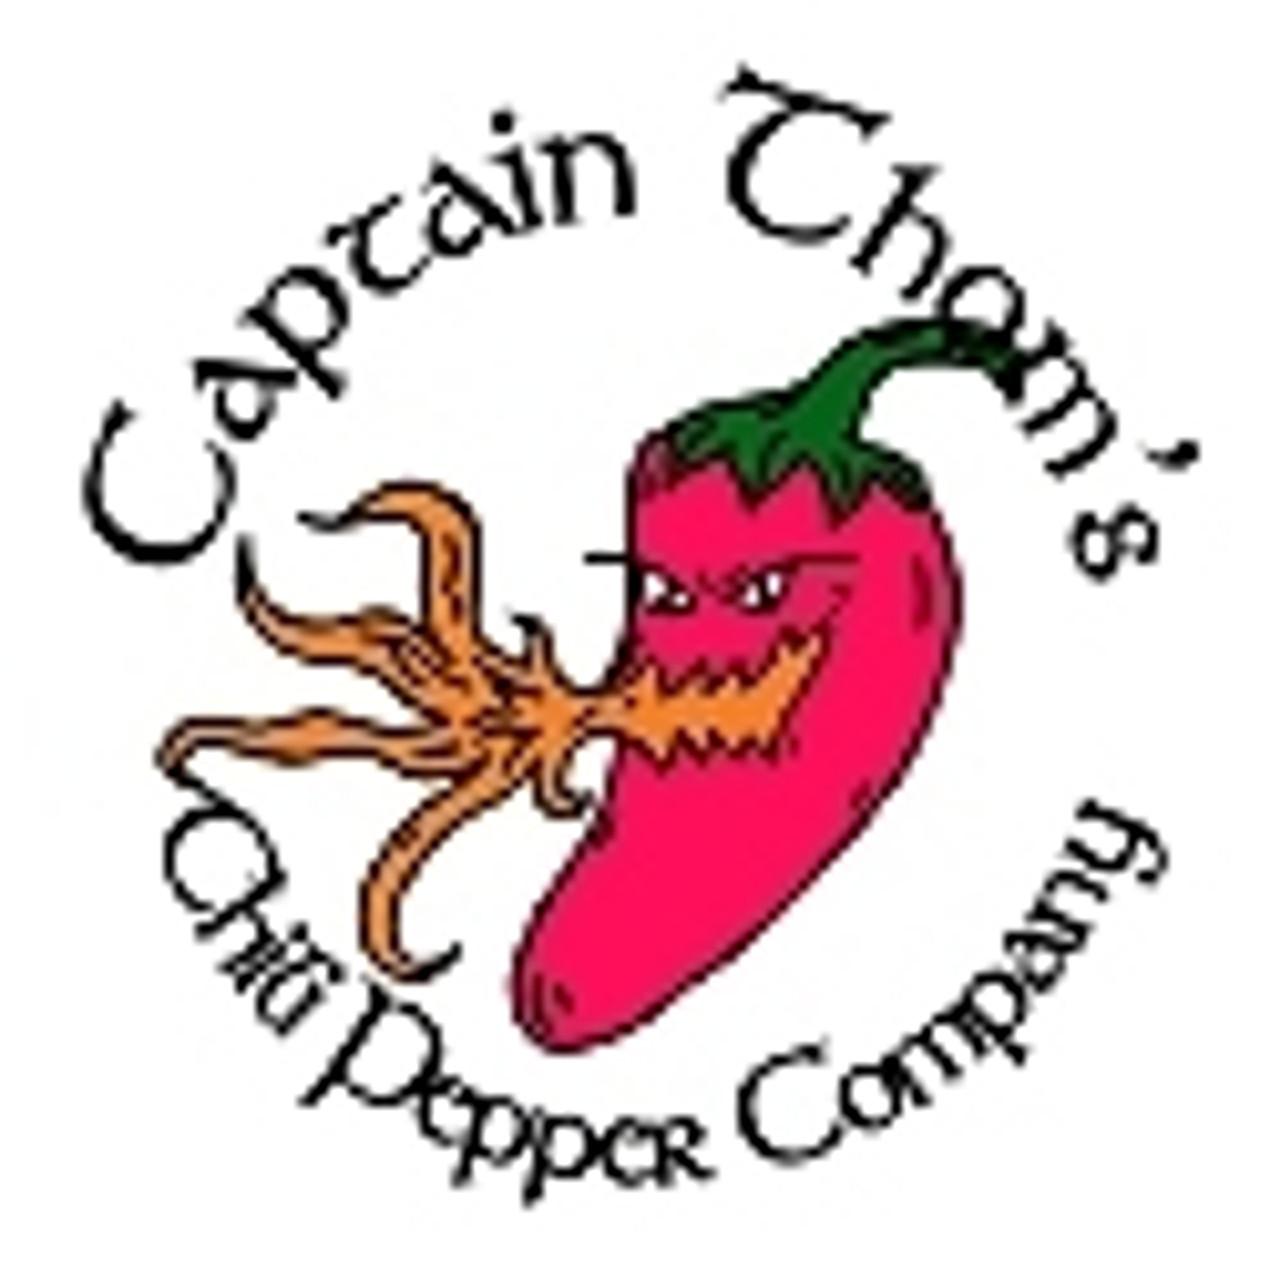 Captain Thom's Chili Pepper